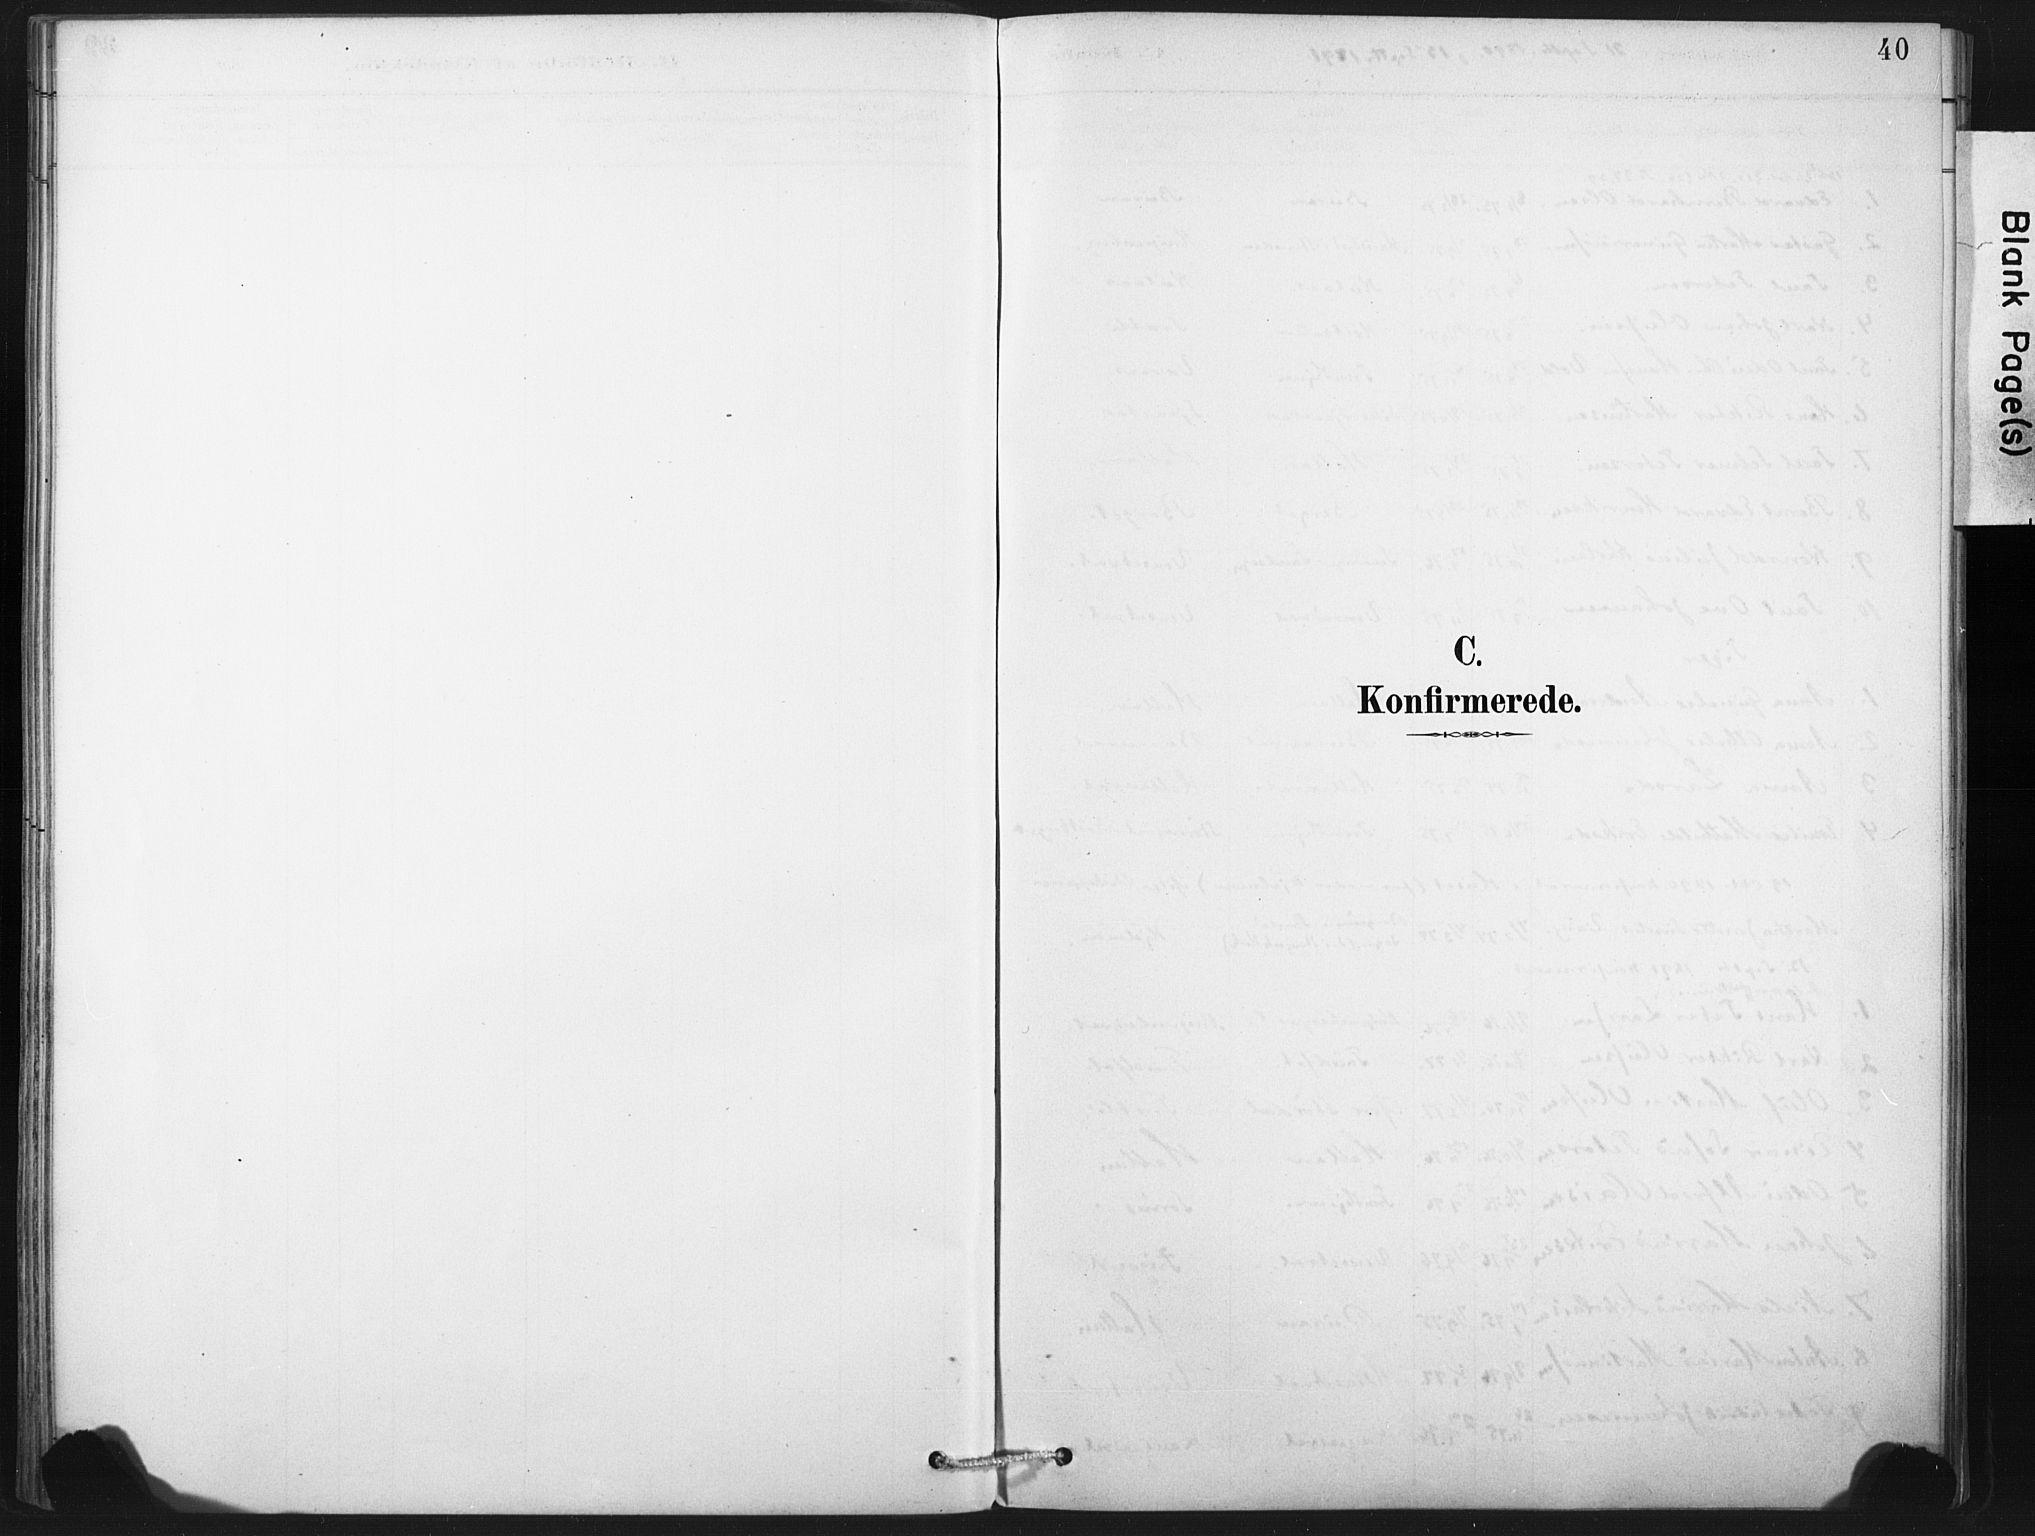 SAT, Ministerialprotokoller, klokkerbøker og fødselsregistre - Nord-Trøndelag, 718/L0175: Ministerialbok nr. 718A01, 1890-1923, s. 40